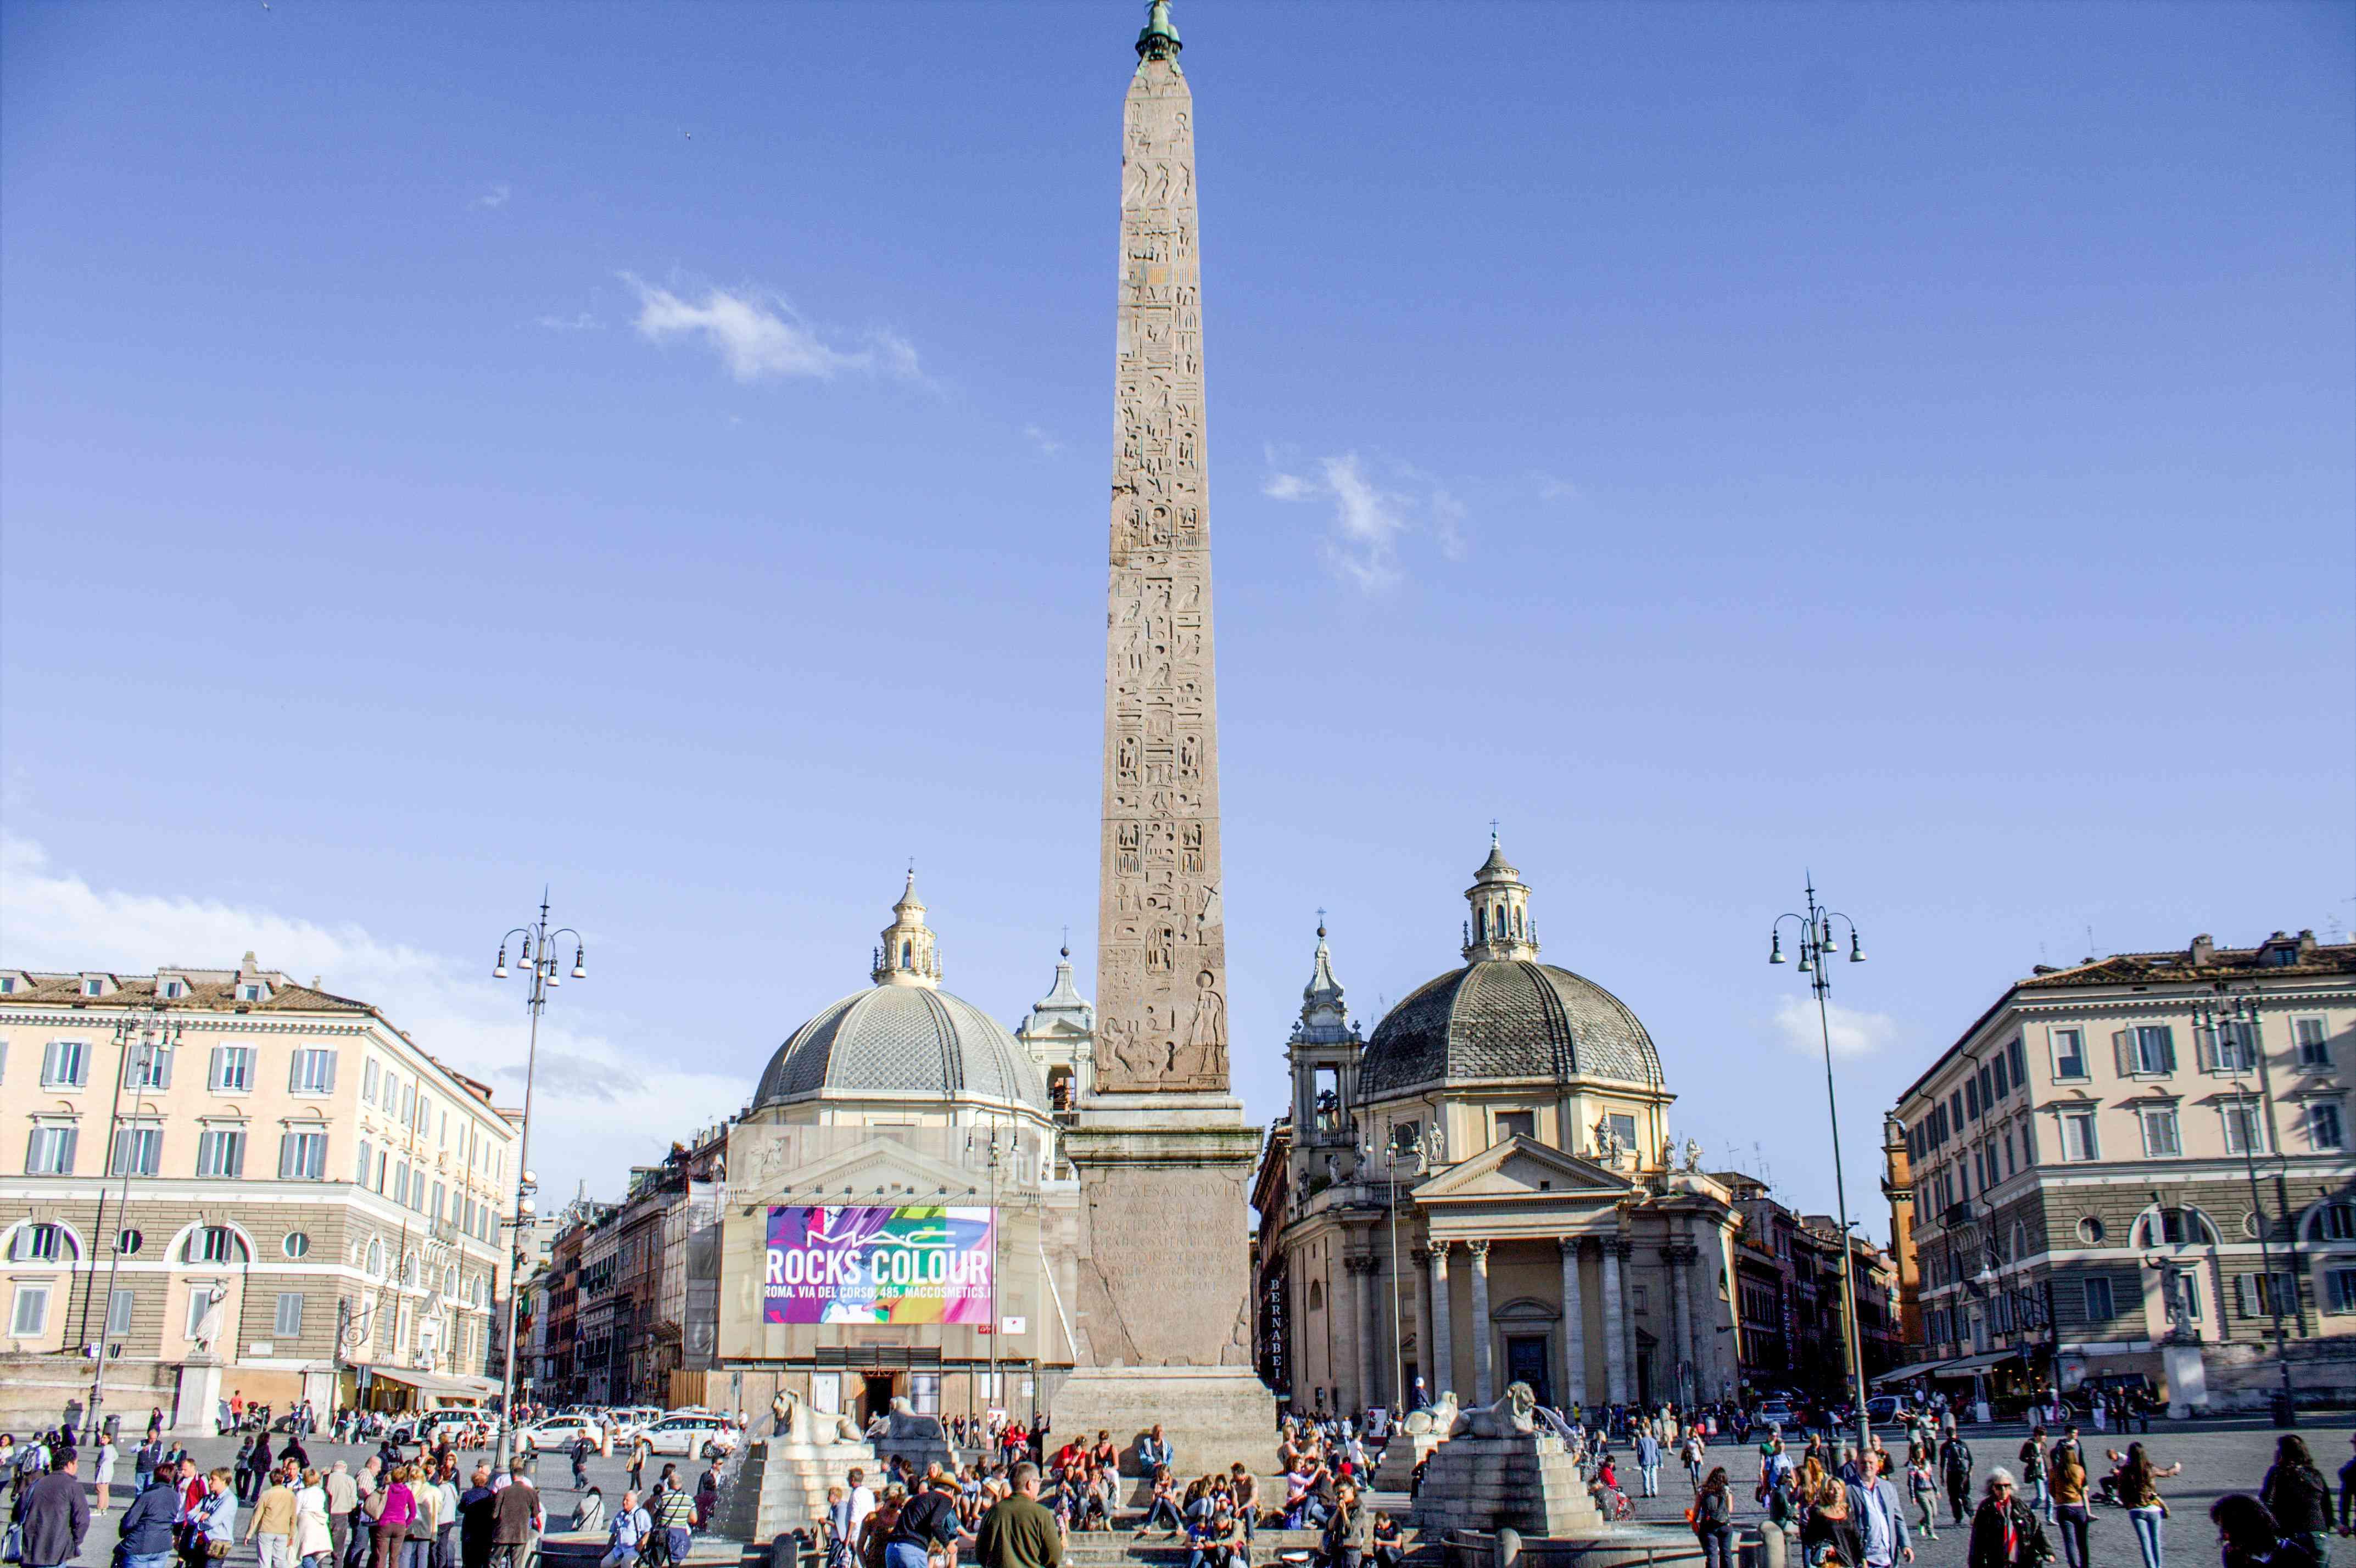 Plano general de la Piazza del Popolo